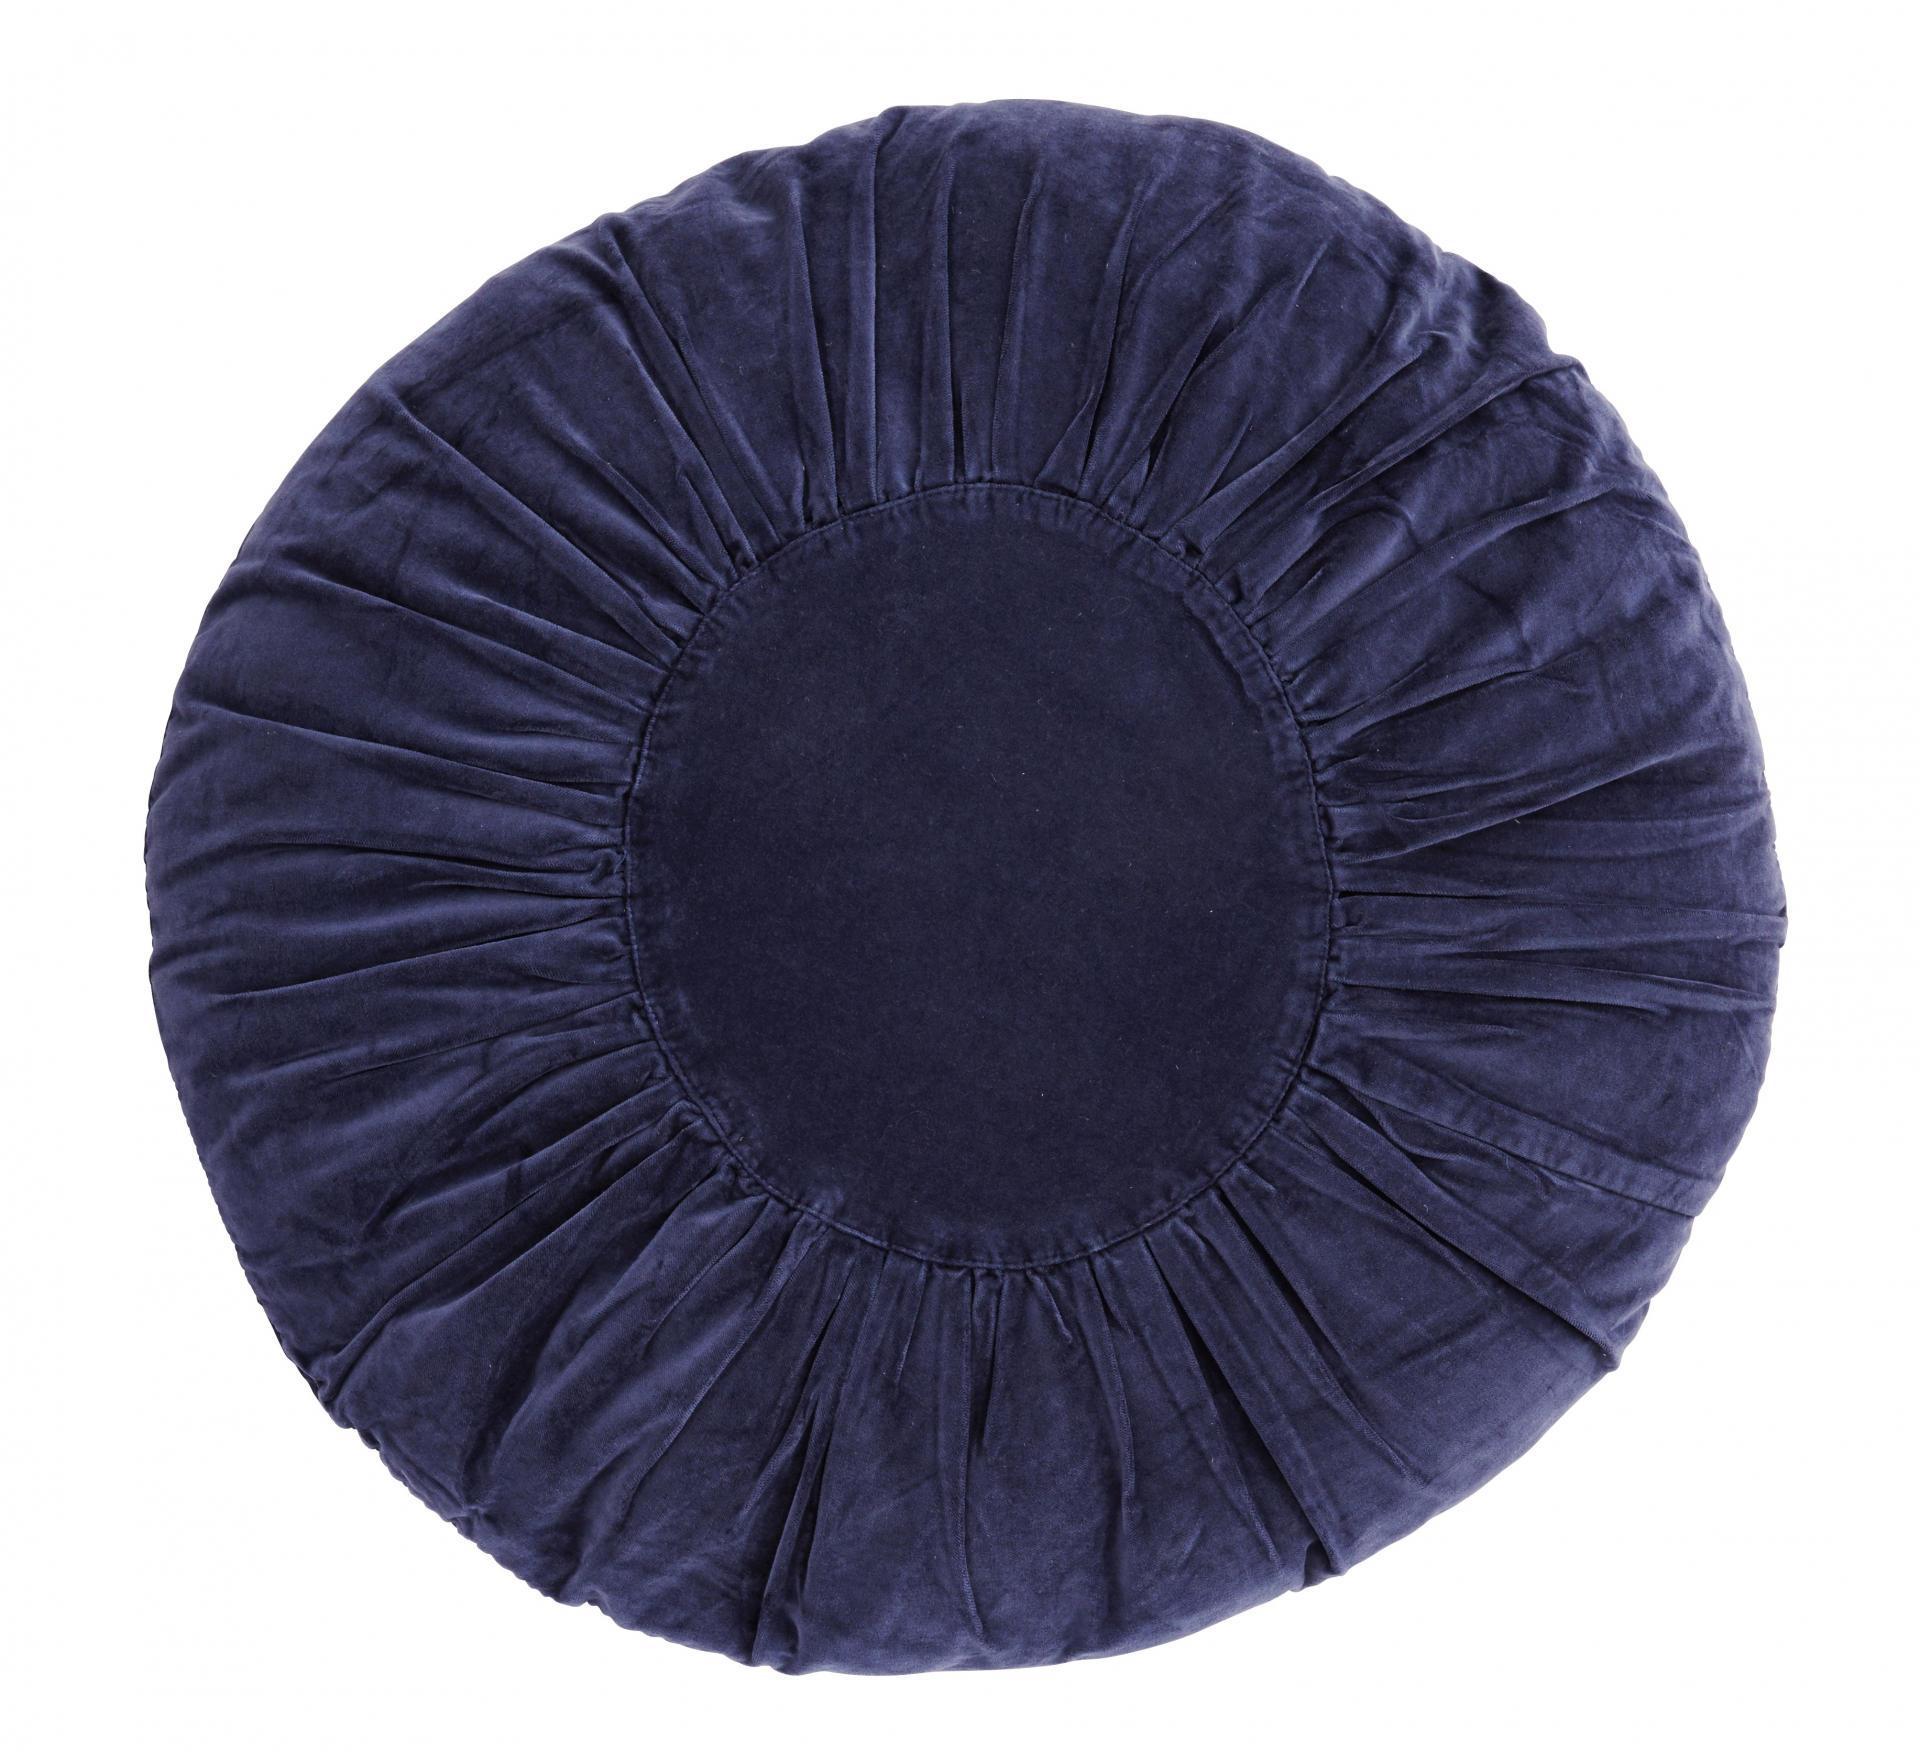 Madam Stoltz Kulatý sametový polštář Dark Blue 60 cm